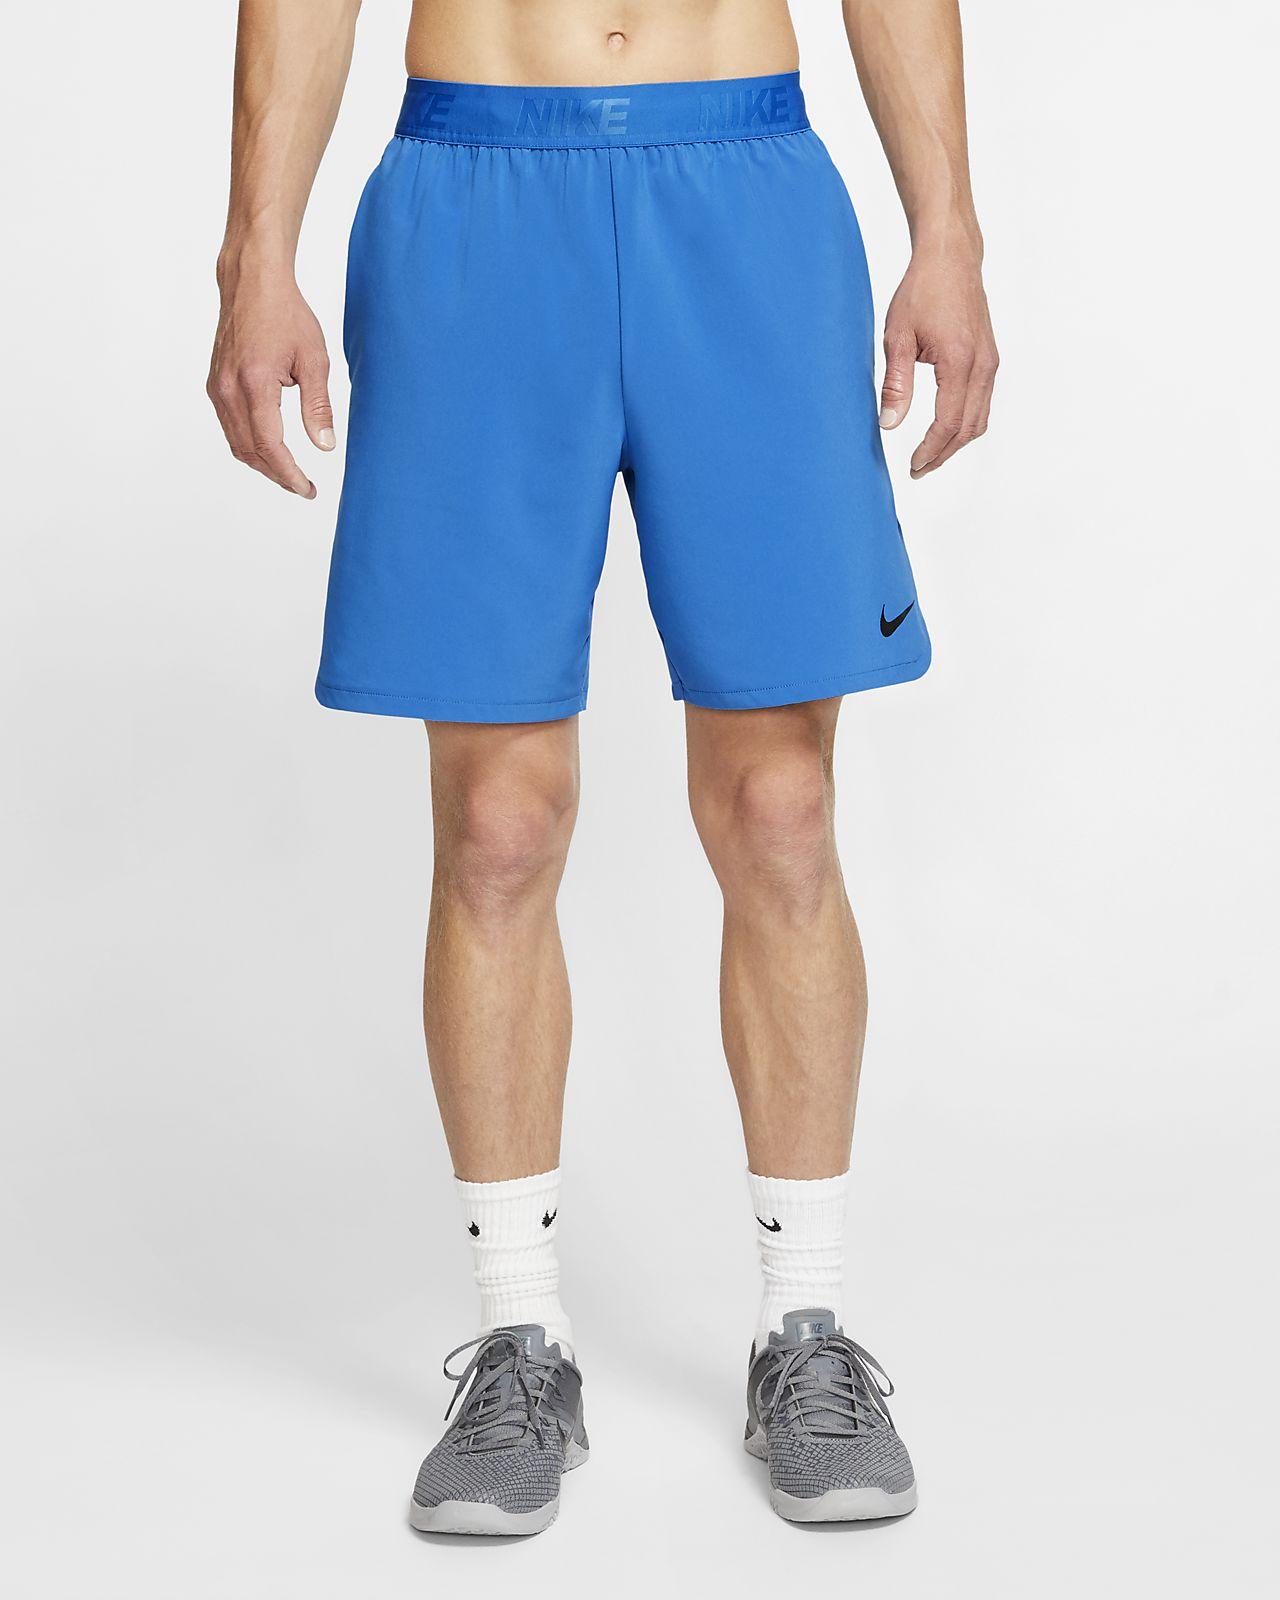 034dd3554ccfb Nike Flex Men's 8